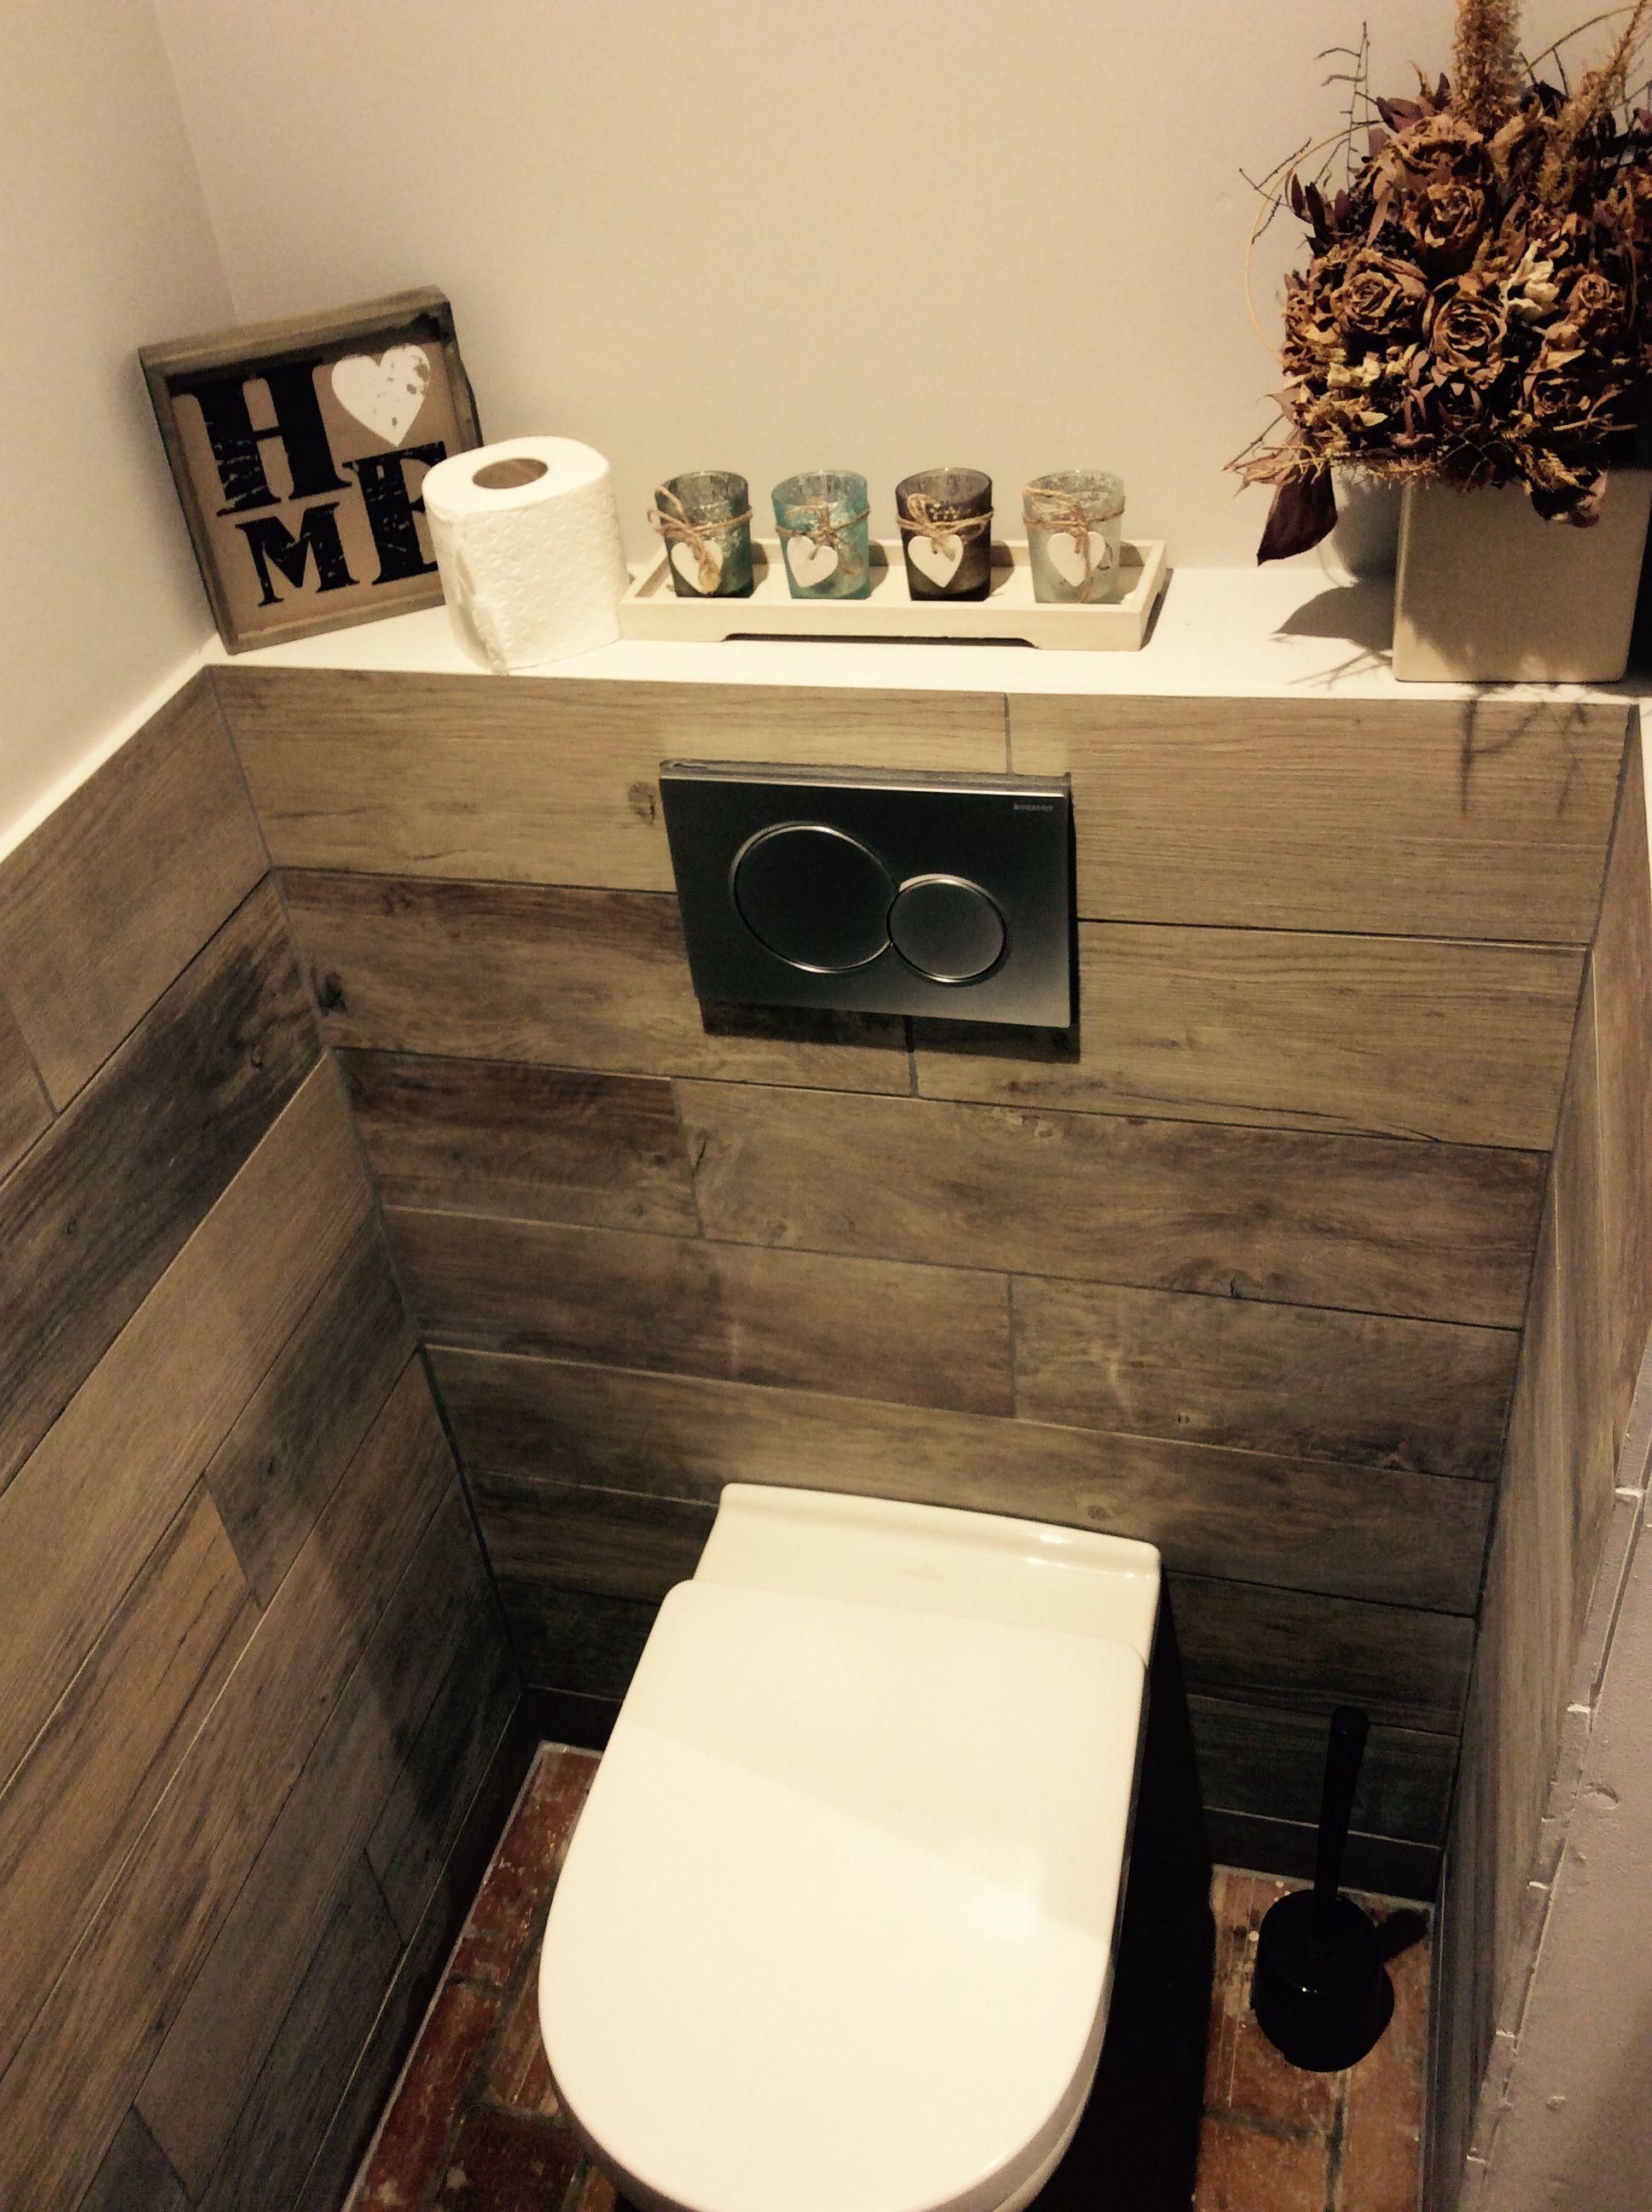 Toilette Carrelage Imitation Bois WC En 2019 Carrelage Imitation Bois Carrelage Toilette Et